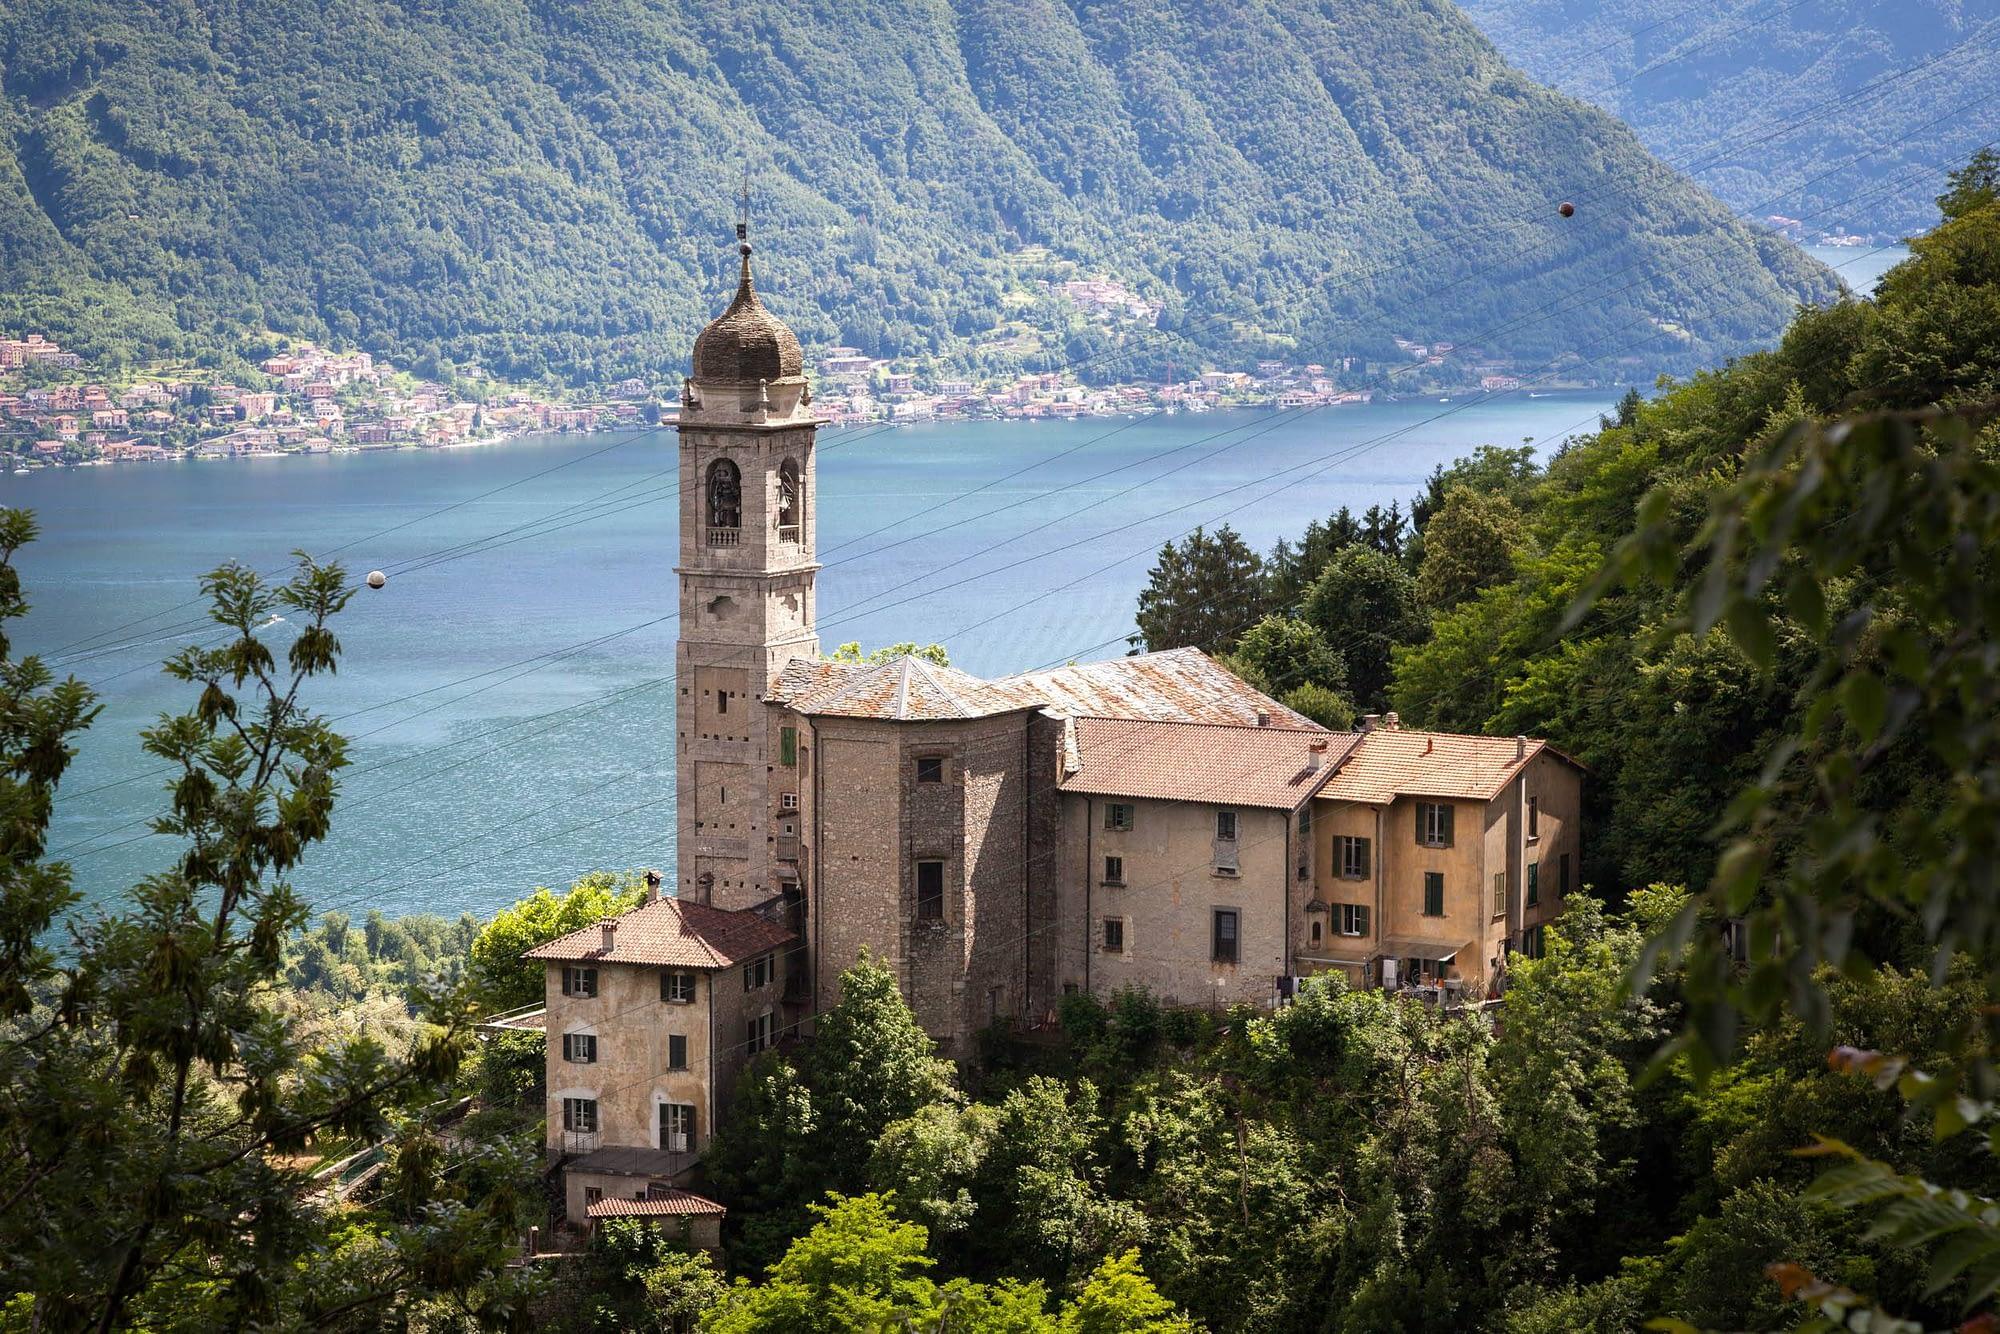 Santuario della Beata Vergine del Soccorso - Ossuccio - Tremezzina